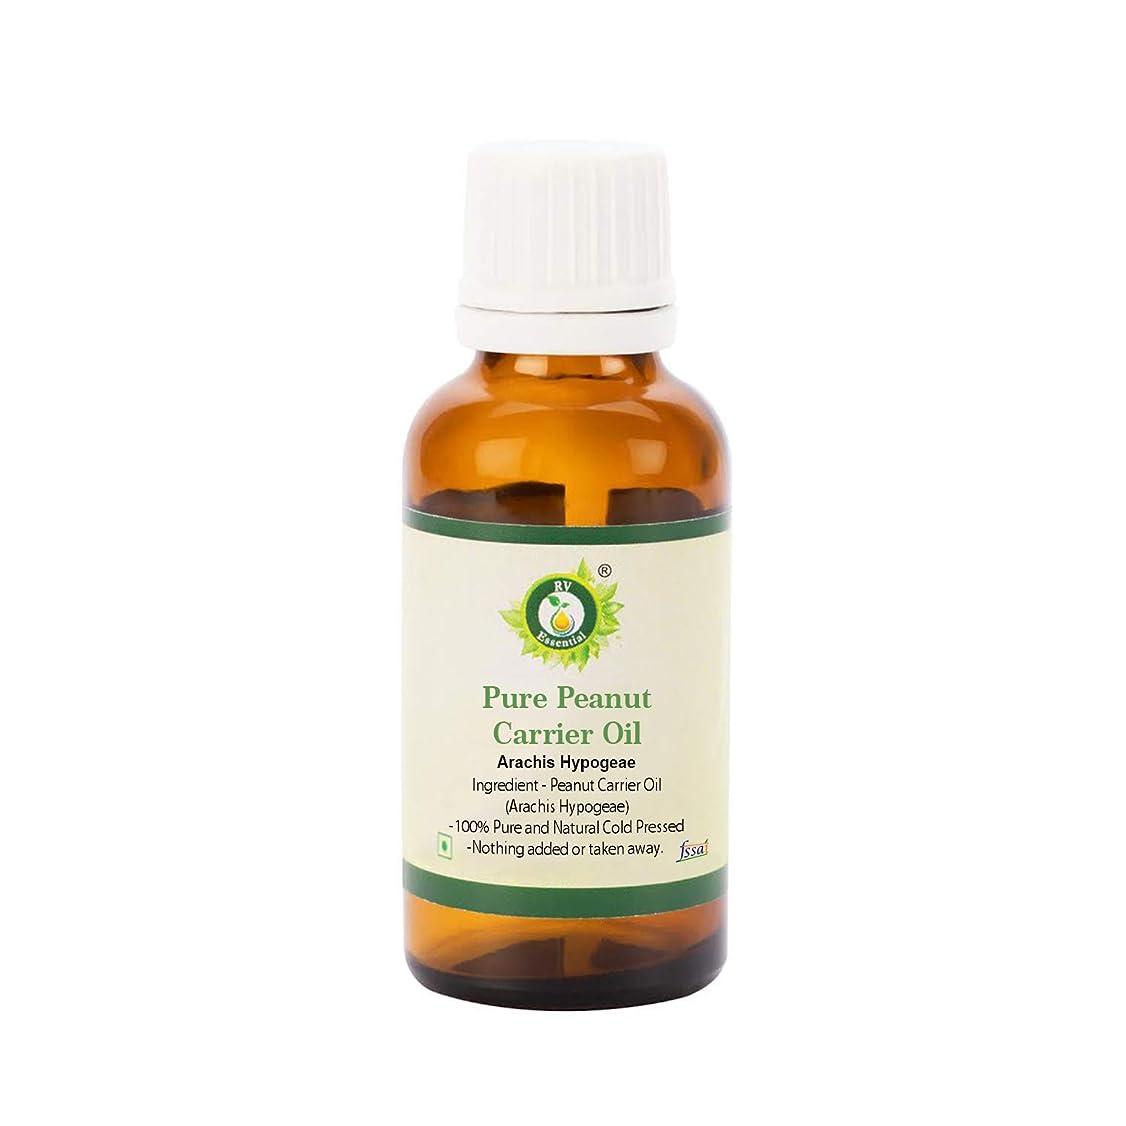 実質的アサー七面鳥R V Essential 純粋なピーナッツキャリアオイル5ml (0.169oz)- Arachis Hypogeae (100%ピュア&ナチュラルコールドPressed) Pure Peanut Carrier Oil